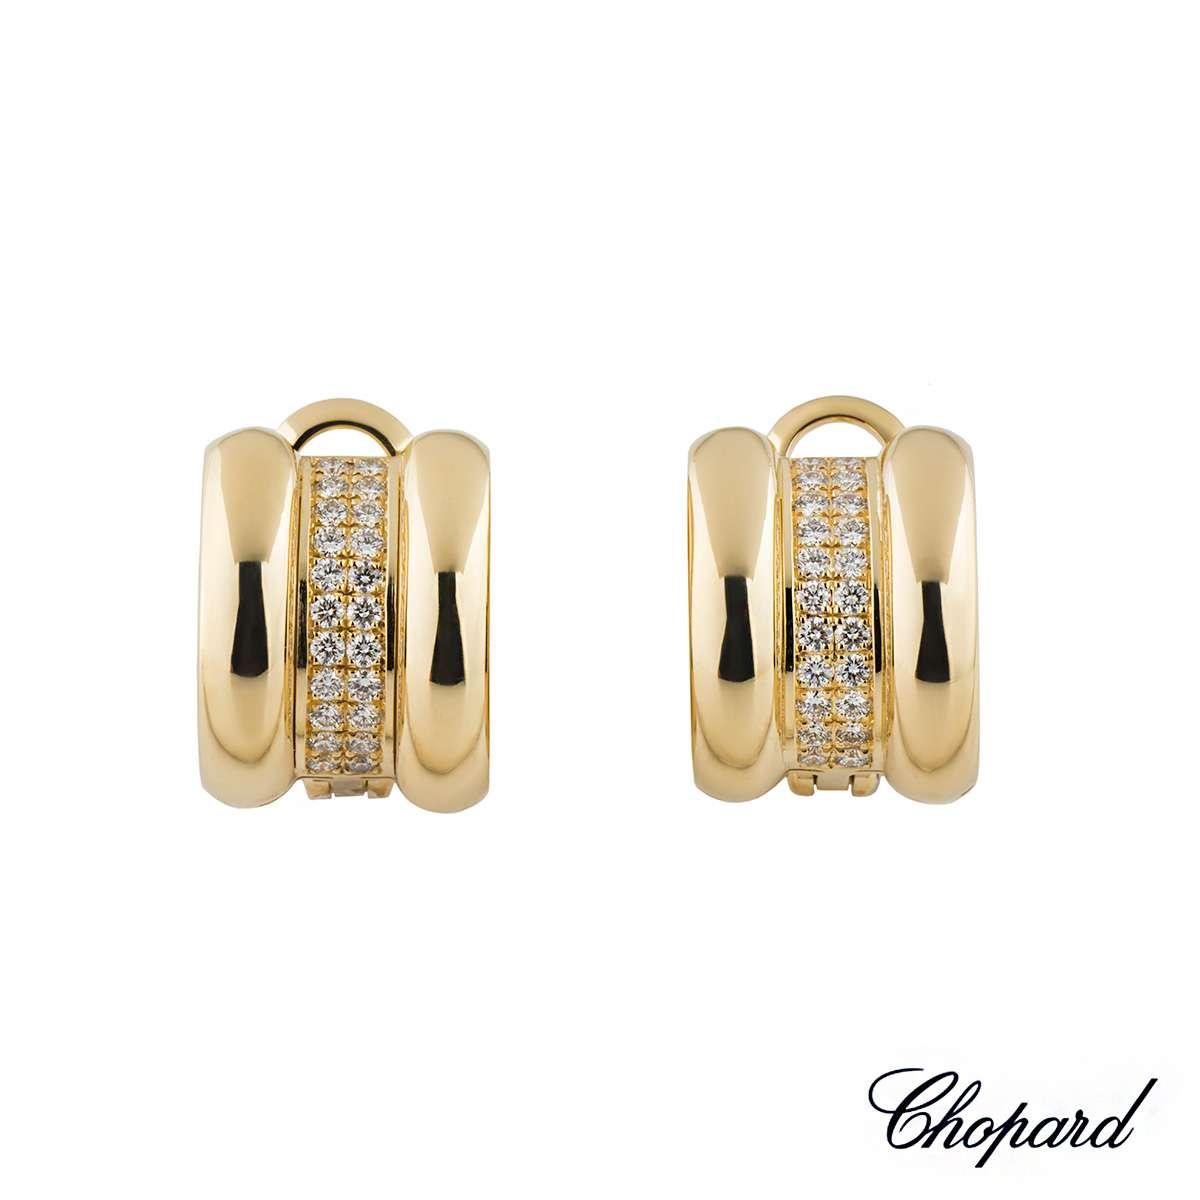 Chopard La StradaDiamond Earrings 6435-41